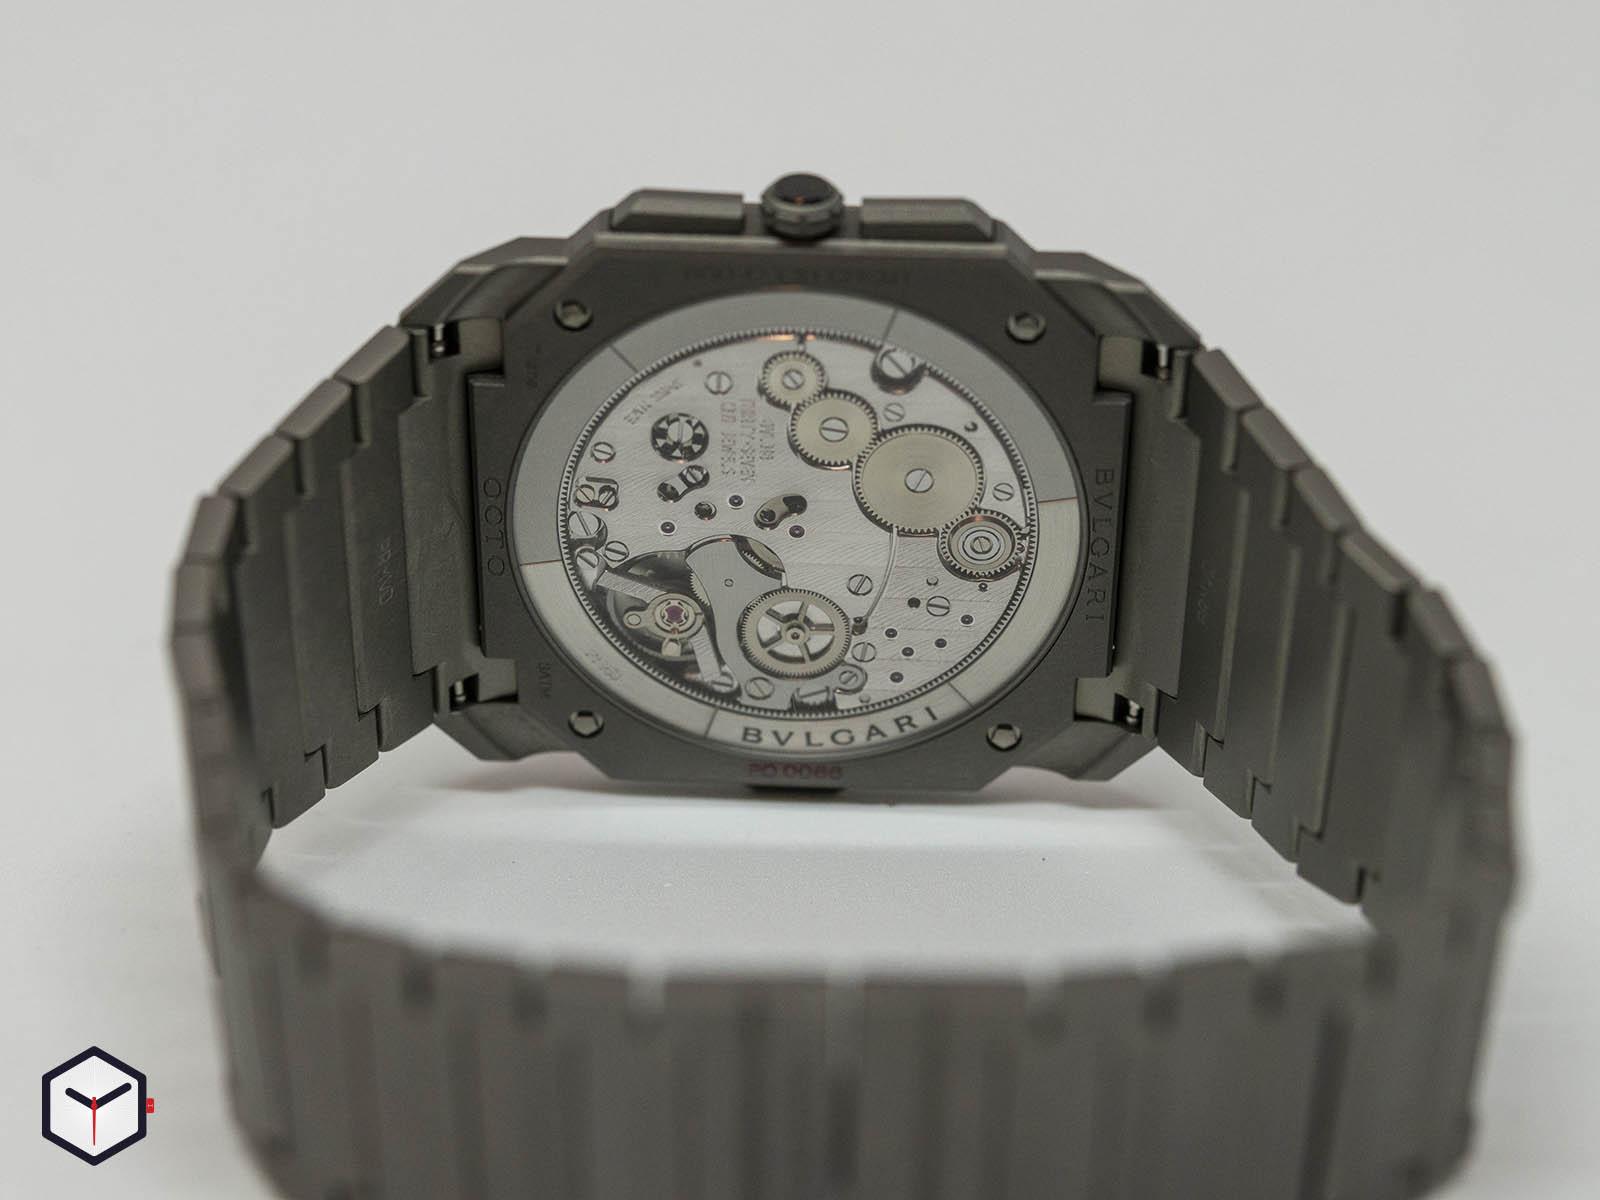 103068-bulgari-octo-finissimo-chronograph-gmt-automatic-baselworld-2019-5.jpg